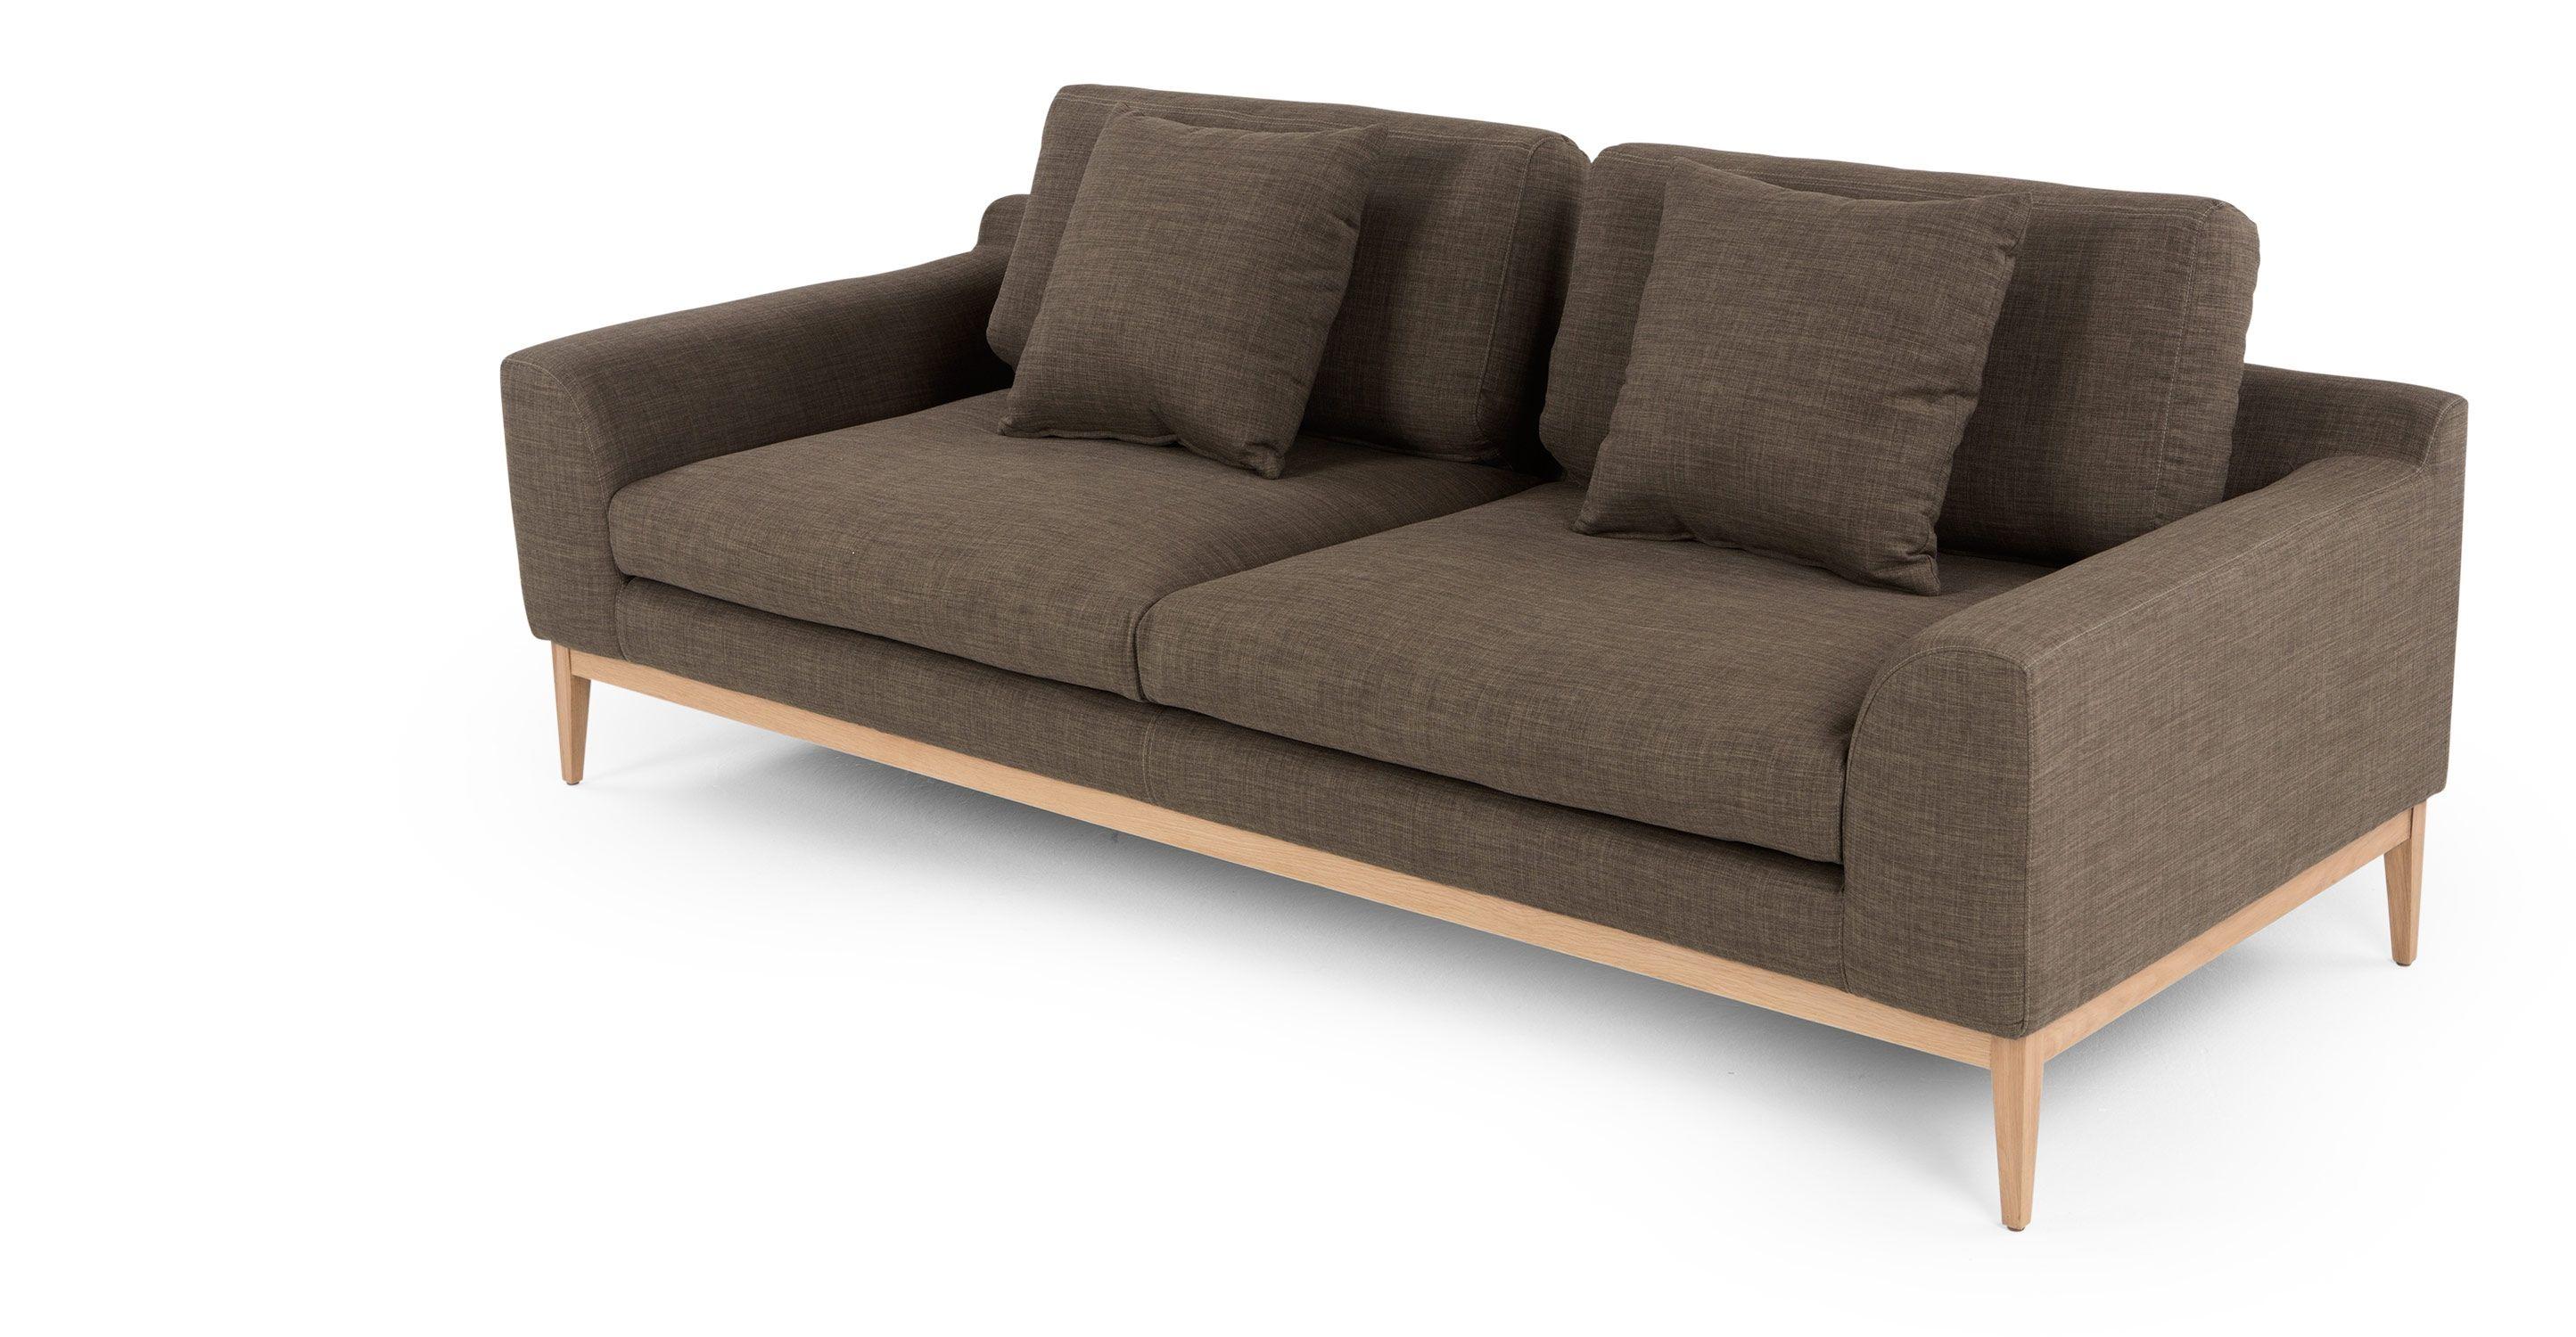 Parker Divano 3 posti, Soft Brown | made.com | low cost design ...